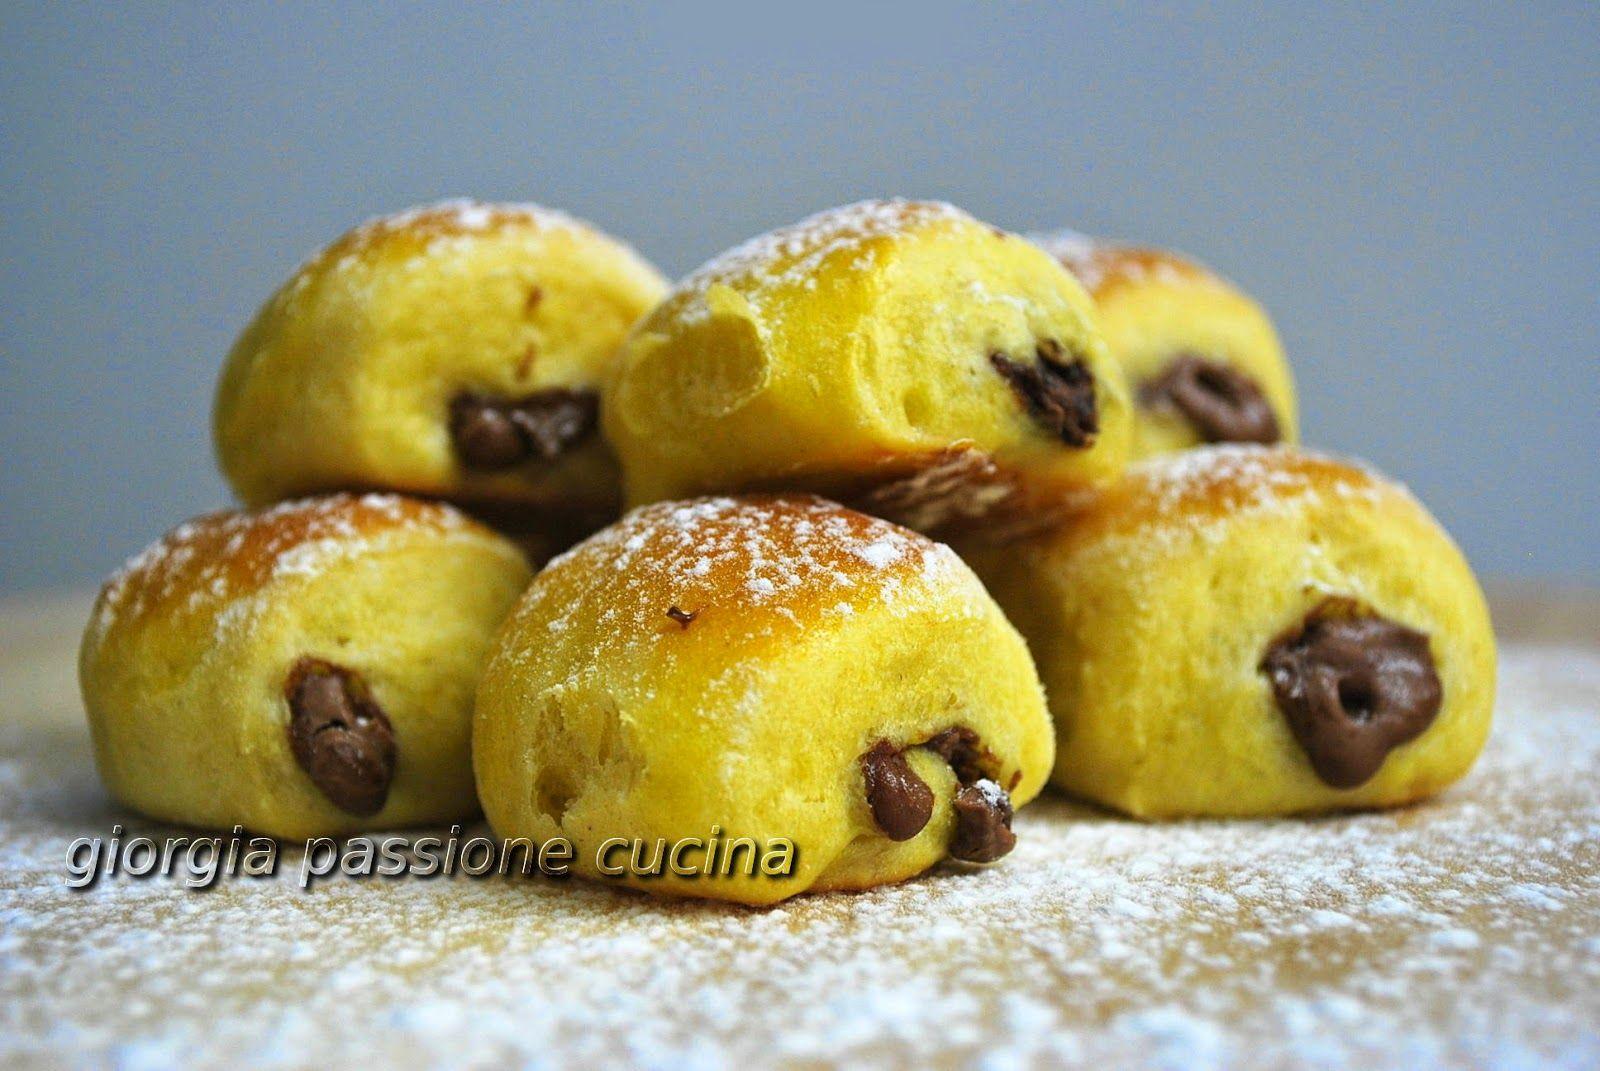 giorgia passione cucina: mini fagottini al cioccolato